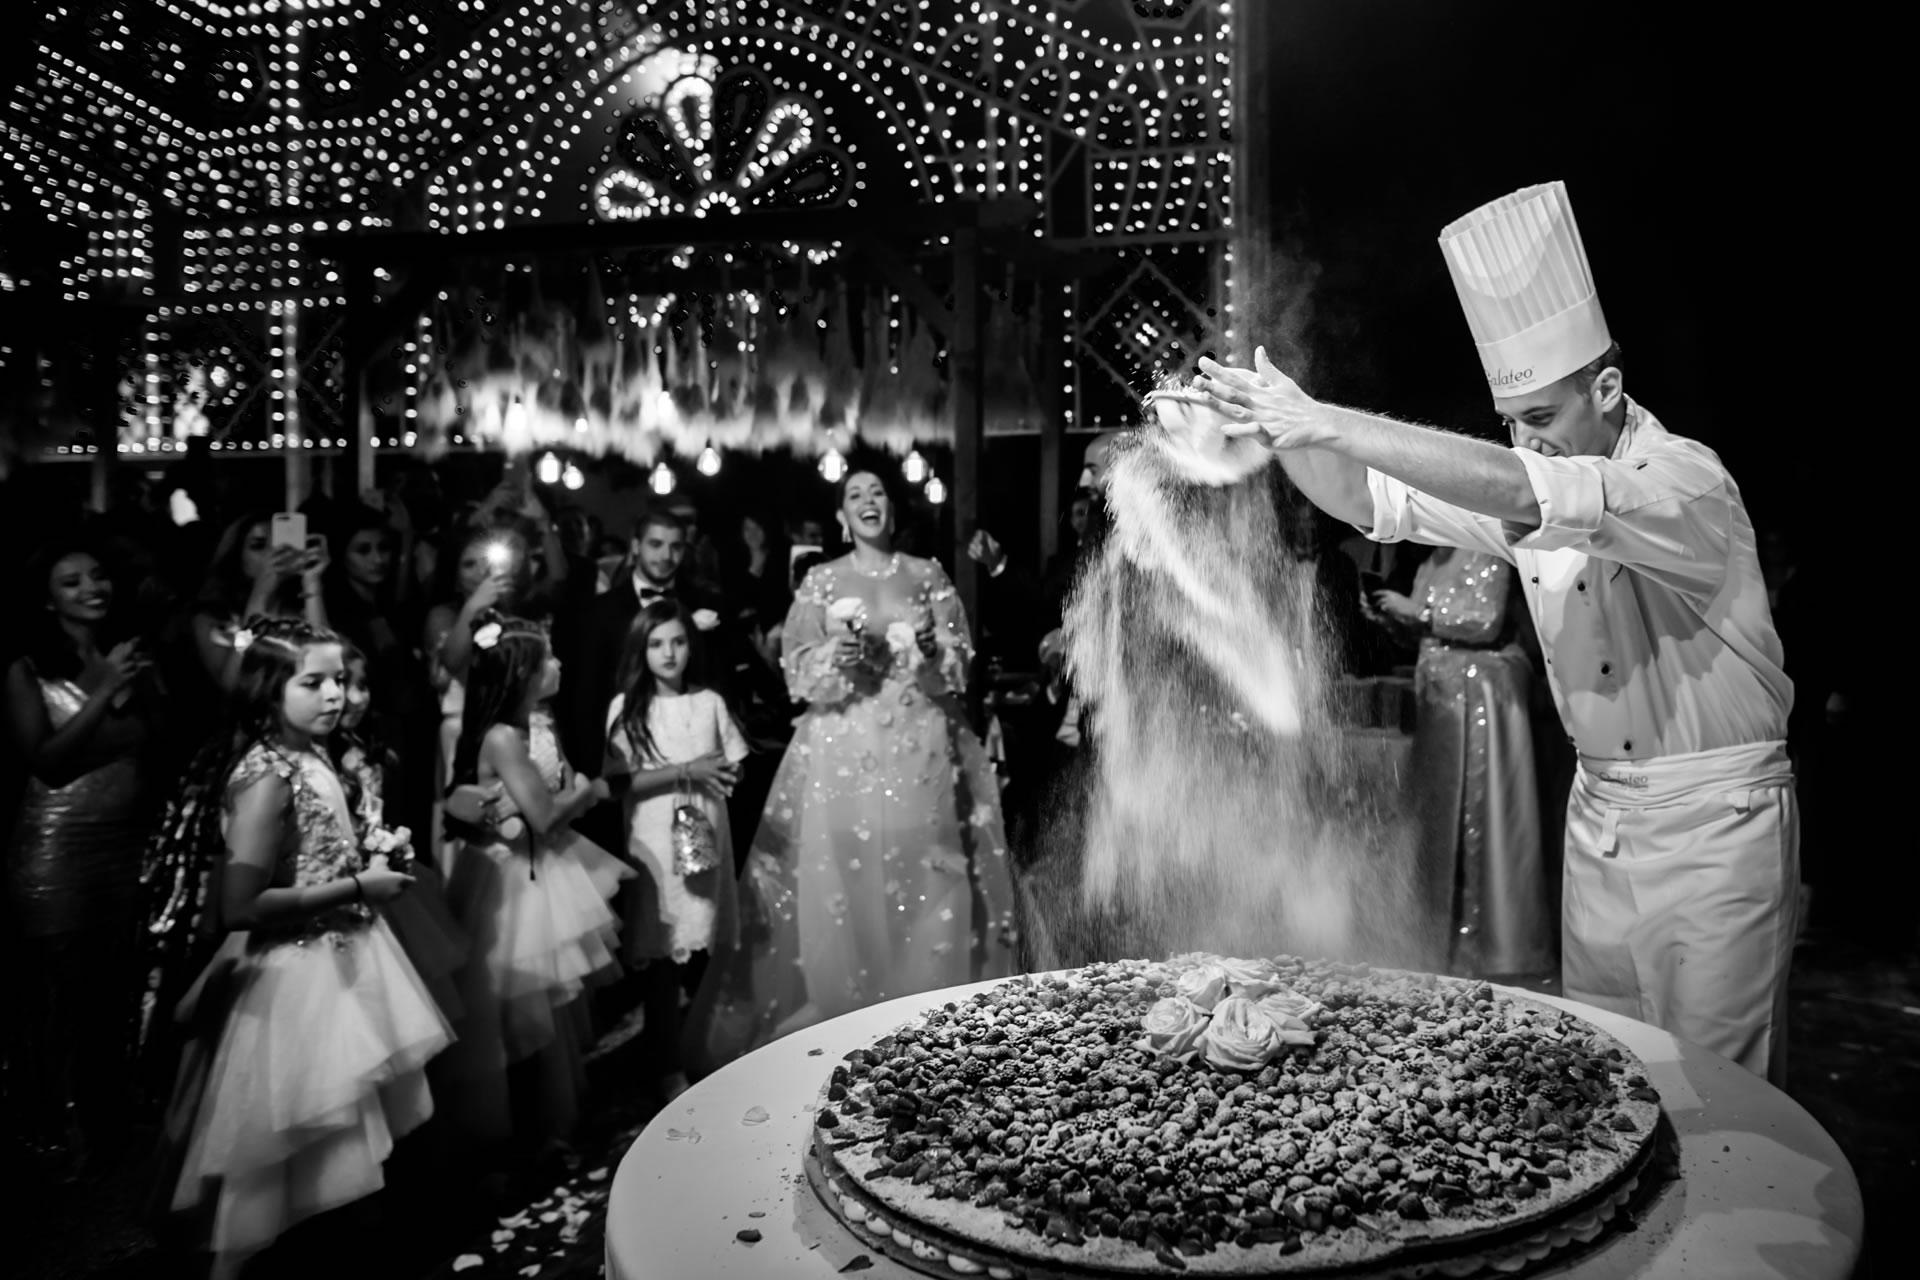 Powdered Sugar - 65 :: Luxury wedding at Il Borro :: Luxury wedding photography - 64 :: Powdered Sugar - 65